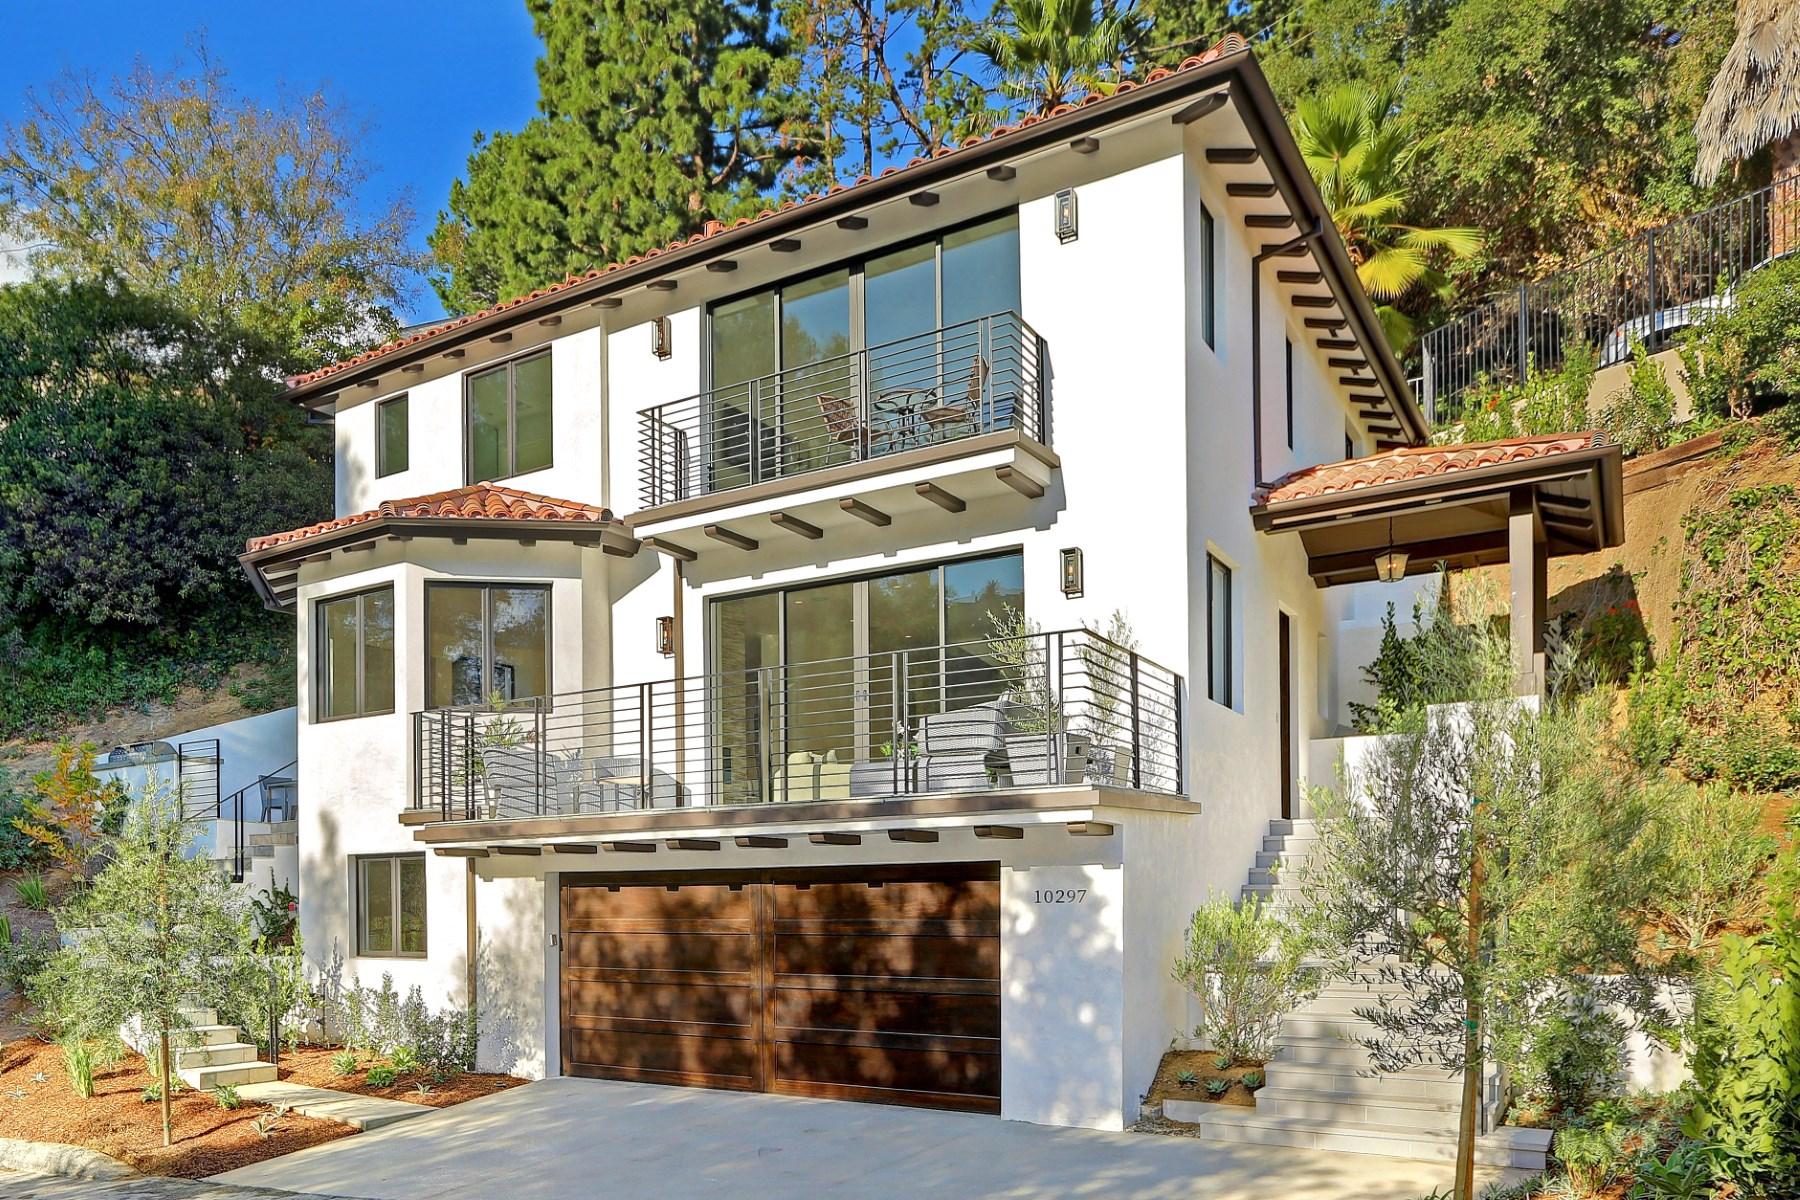 Einfamilienhaus für Verkauf beim Beautiful New Construction 10297 Mariel Lane Bel Air, Los Angeles, Kalifornien 90077 Vereinigte Staaten